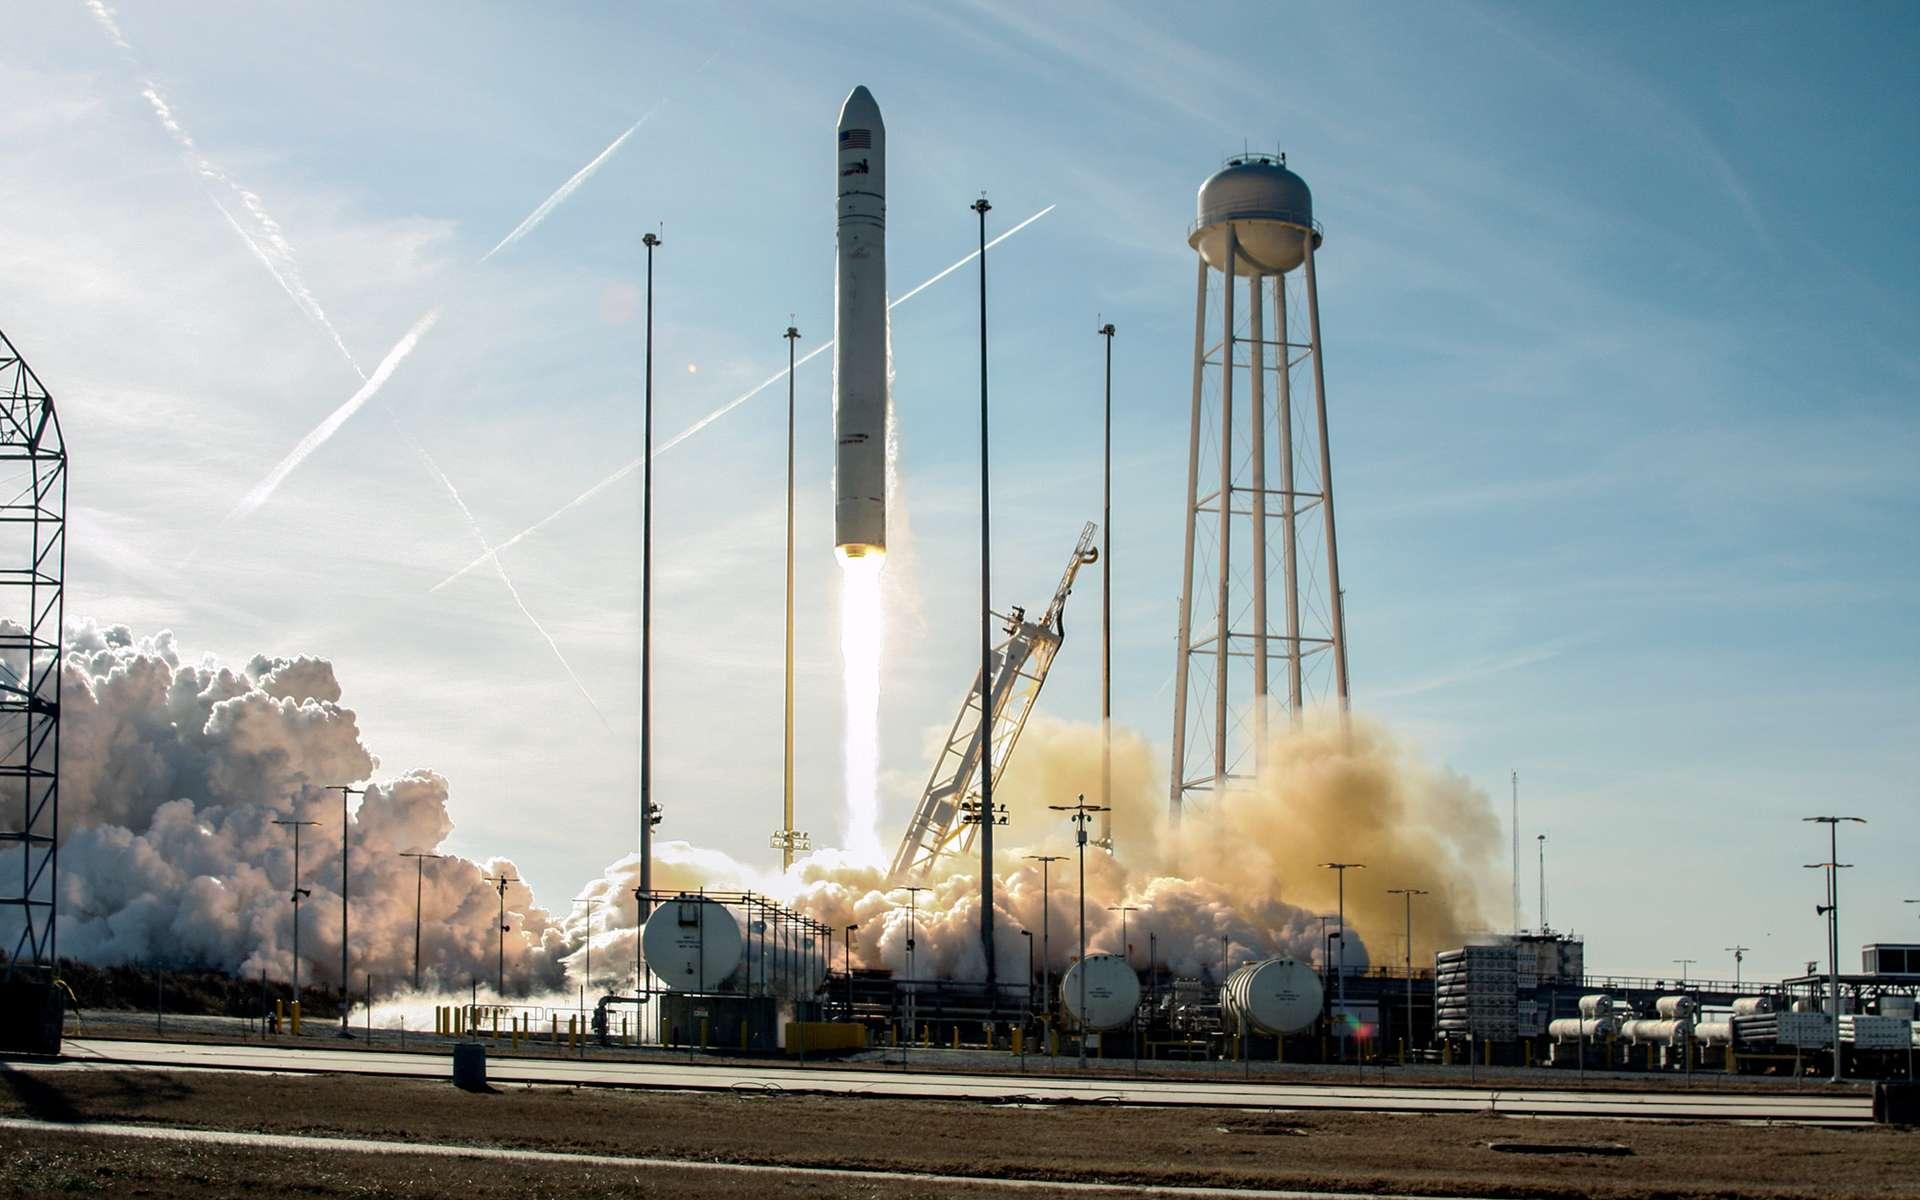 Troisième mission réussie pour le lanceur Antares. Après deux vols de qualification, dont un avec un cargo Cygnus lancé à destination de l'ISS, cette mission marque le début de l'activité commerciale pour ce système de lancement privé. © Bill Ingalls, Nasa